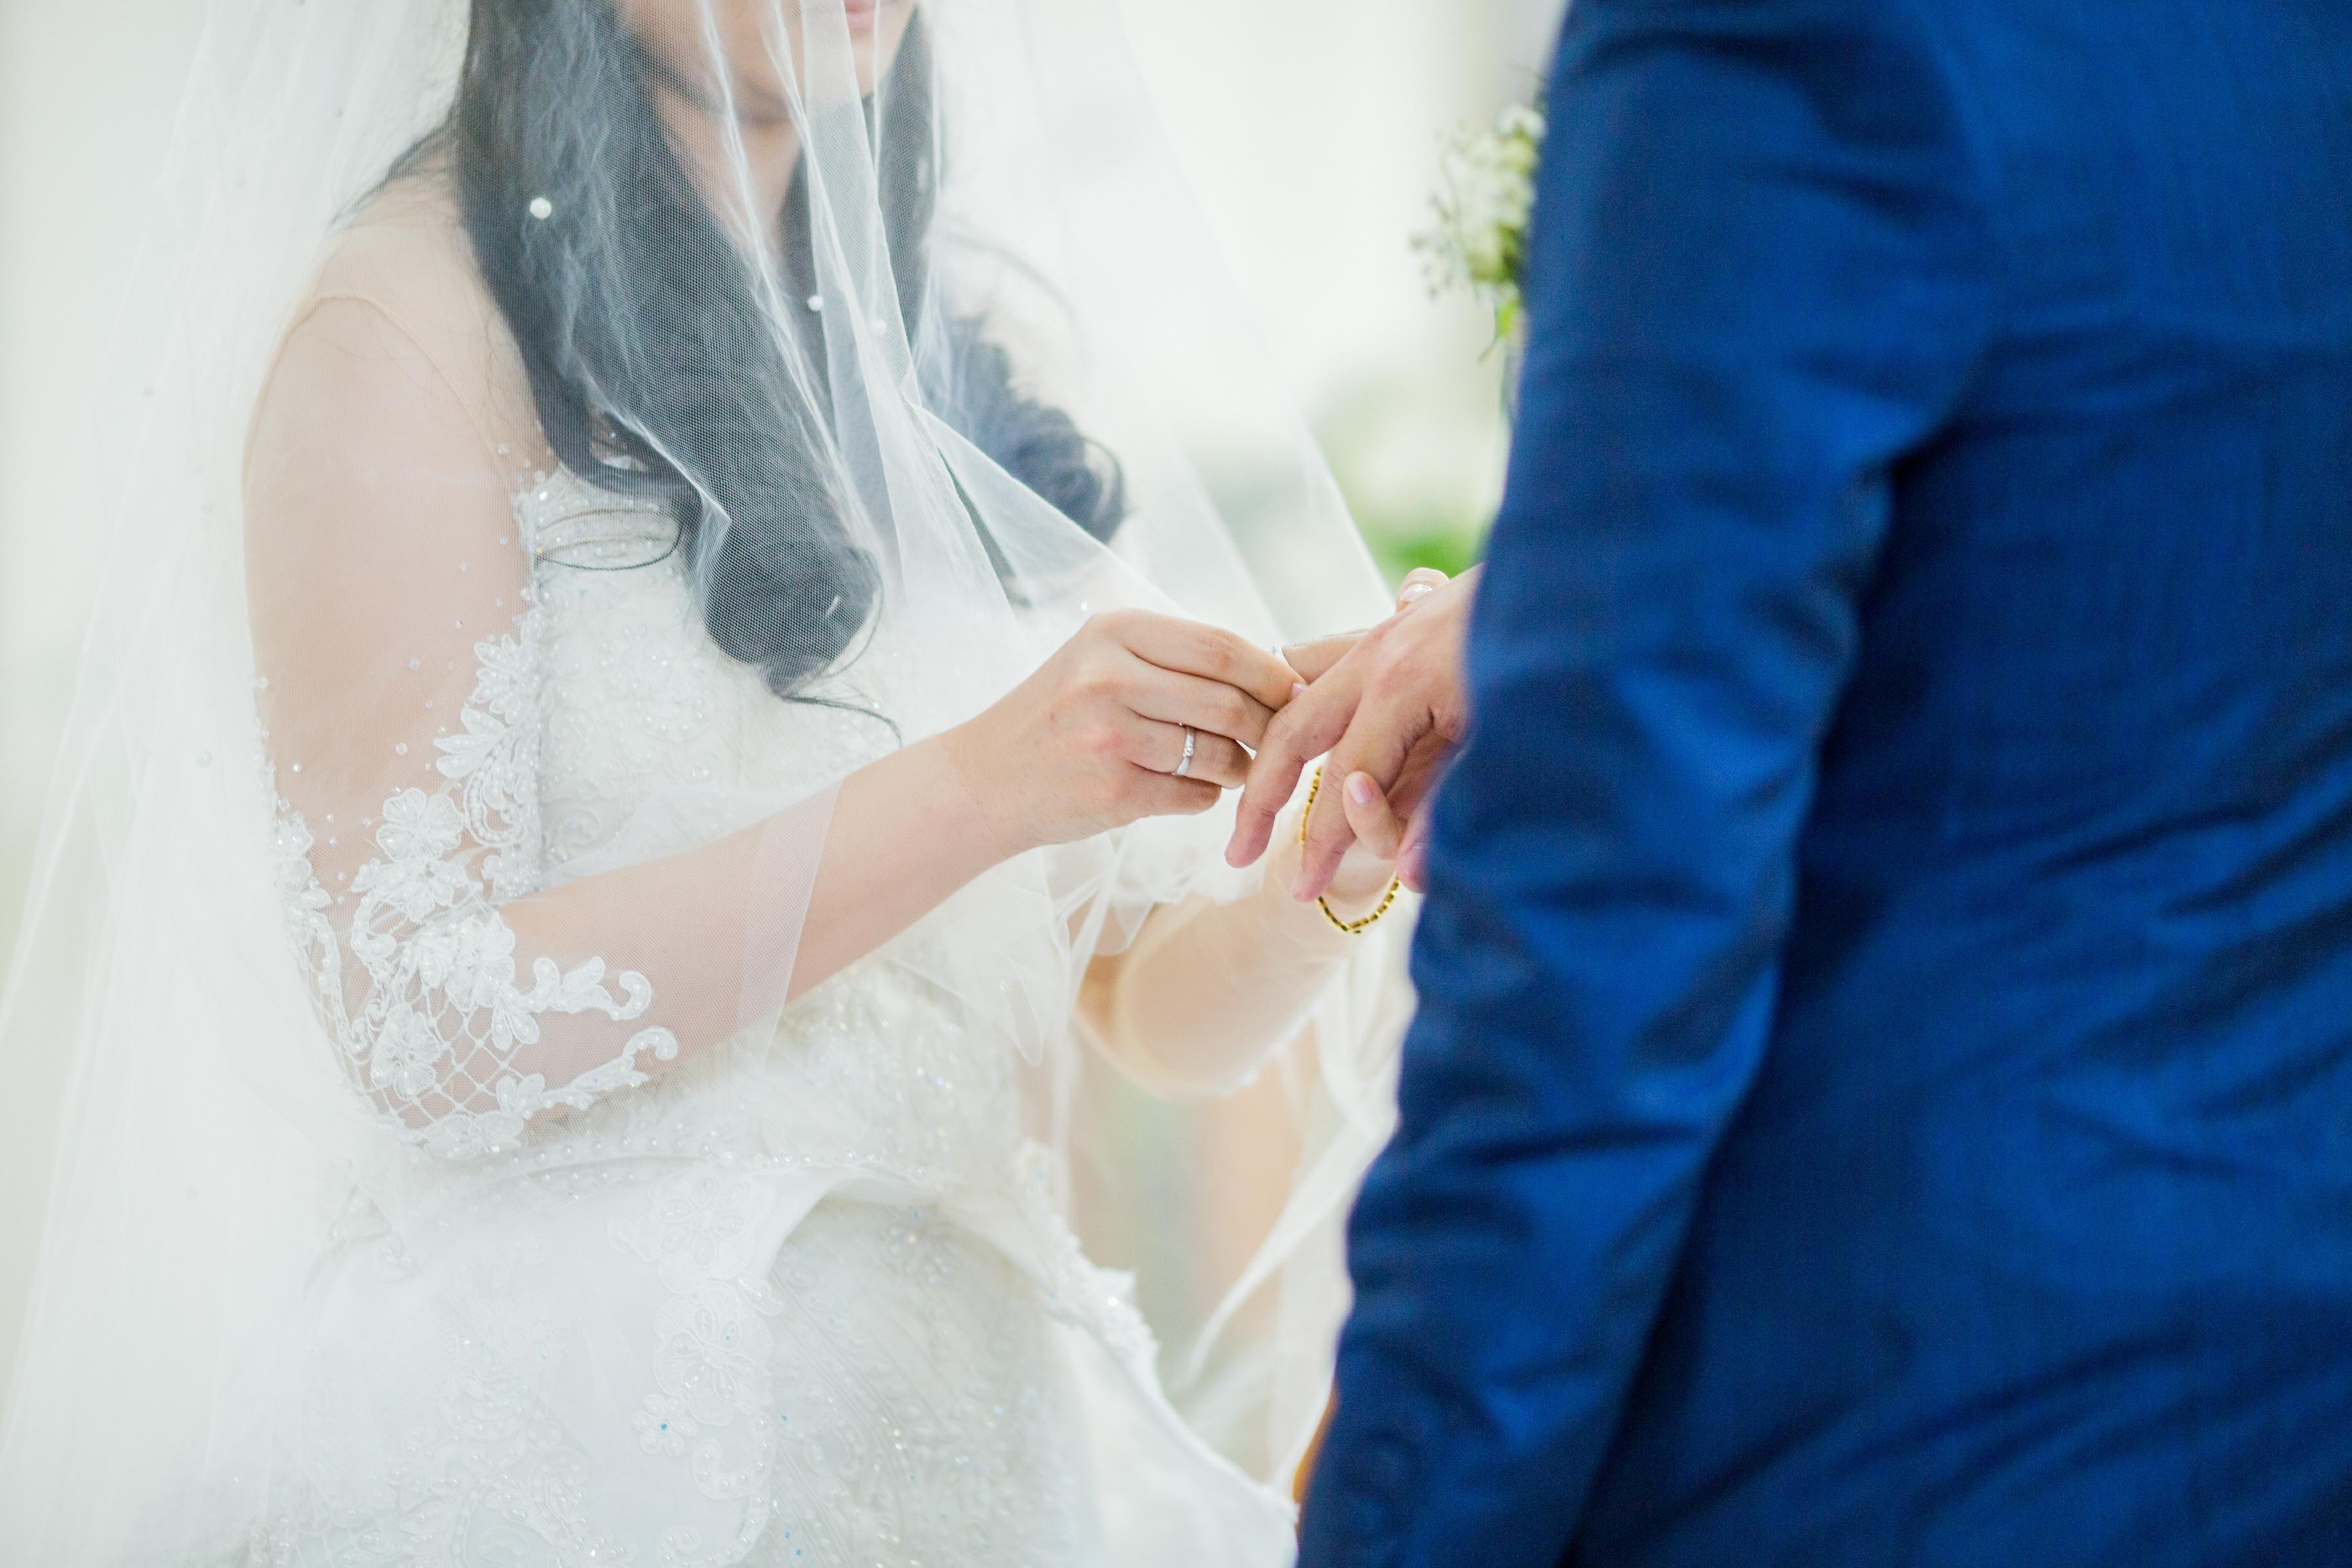 Jeffrey Tia Wedding Hilda By Bridestory Bowtie Dasi Kupu Polos Motif Best Man Polka Black Bow Tie